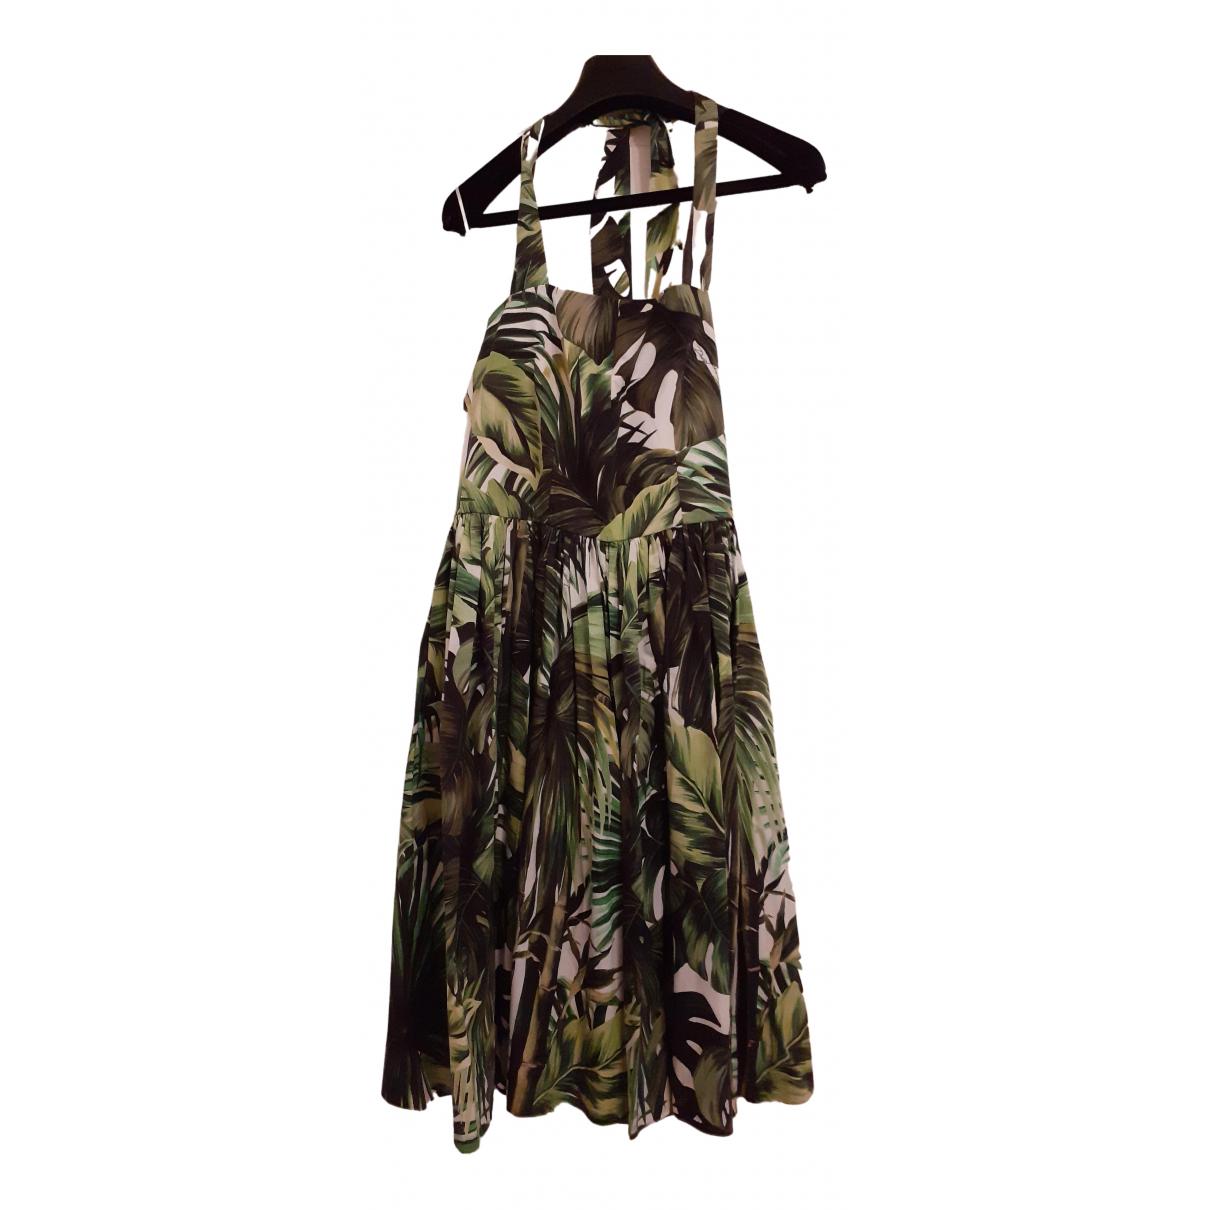 Dolce & Gabbana \N Khaki Cotton dress for Women 42 IT